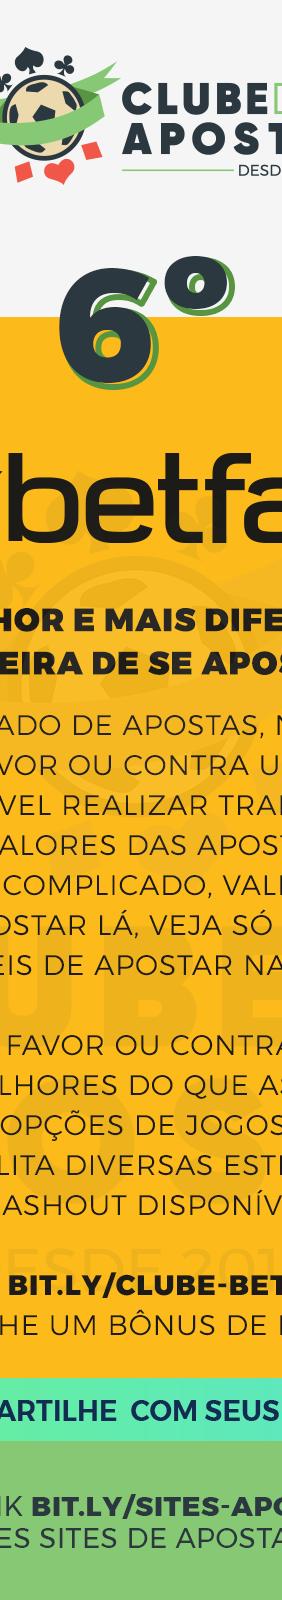 06-os-6-melhores-sites-de-aposta-do-brasil